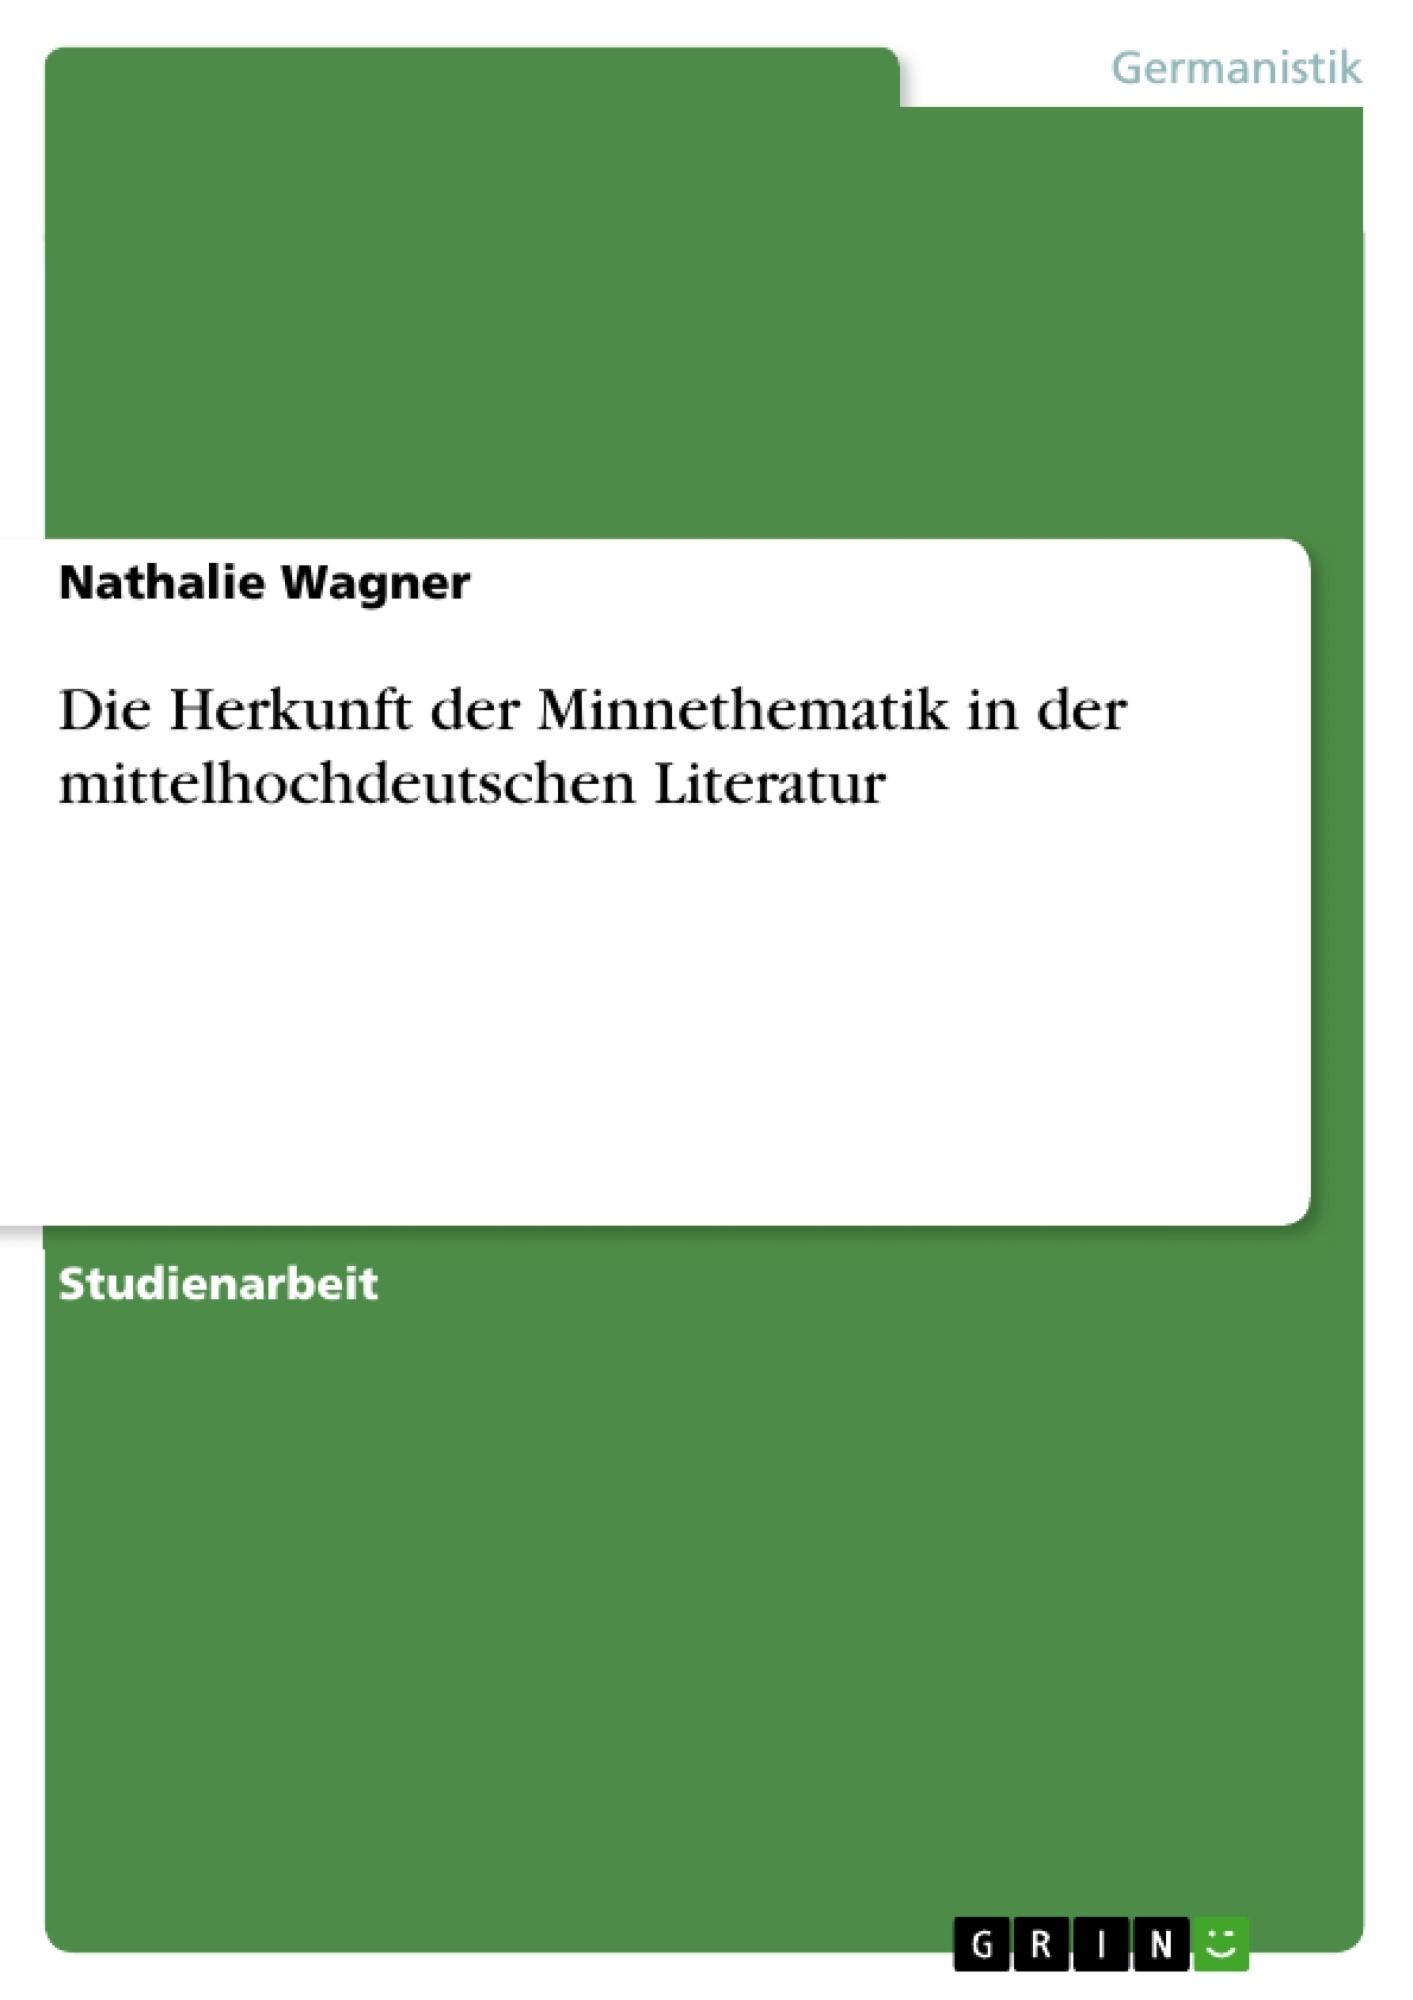 der kann . die deutsche literatur. essays 24 juli 2006  reich-ranicki: das kann ich ihnen nicht sagen was die bücher  der kanon  die deutsche literatur essays hg von marcel reich-ranicki.